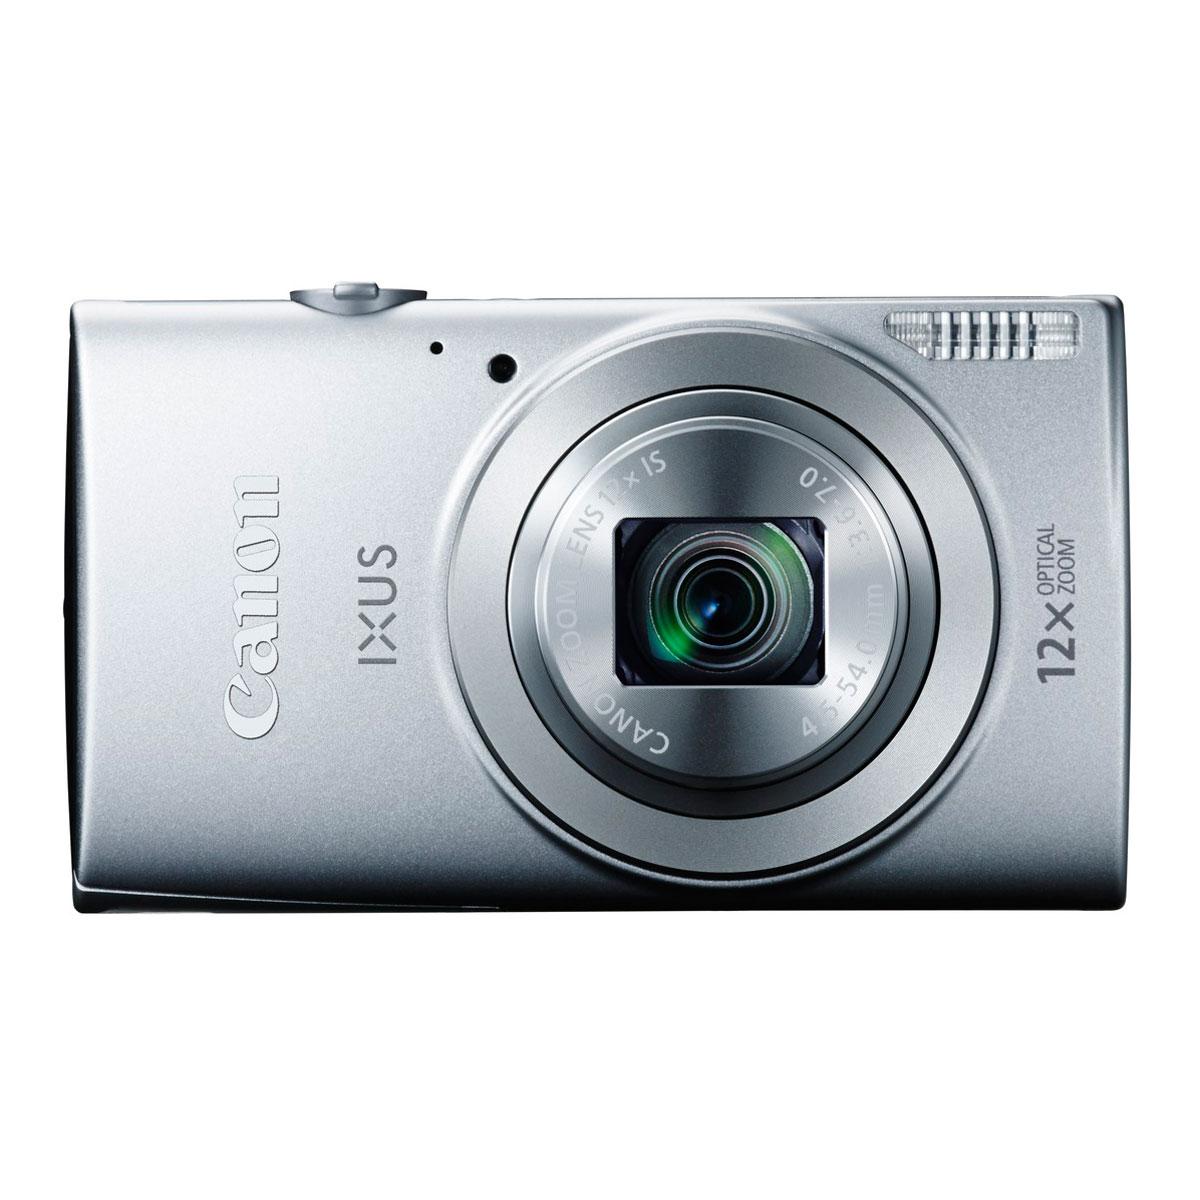 canon ixus 170 argent appareil photo num rique canon sur